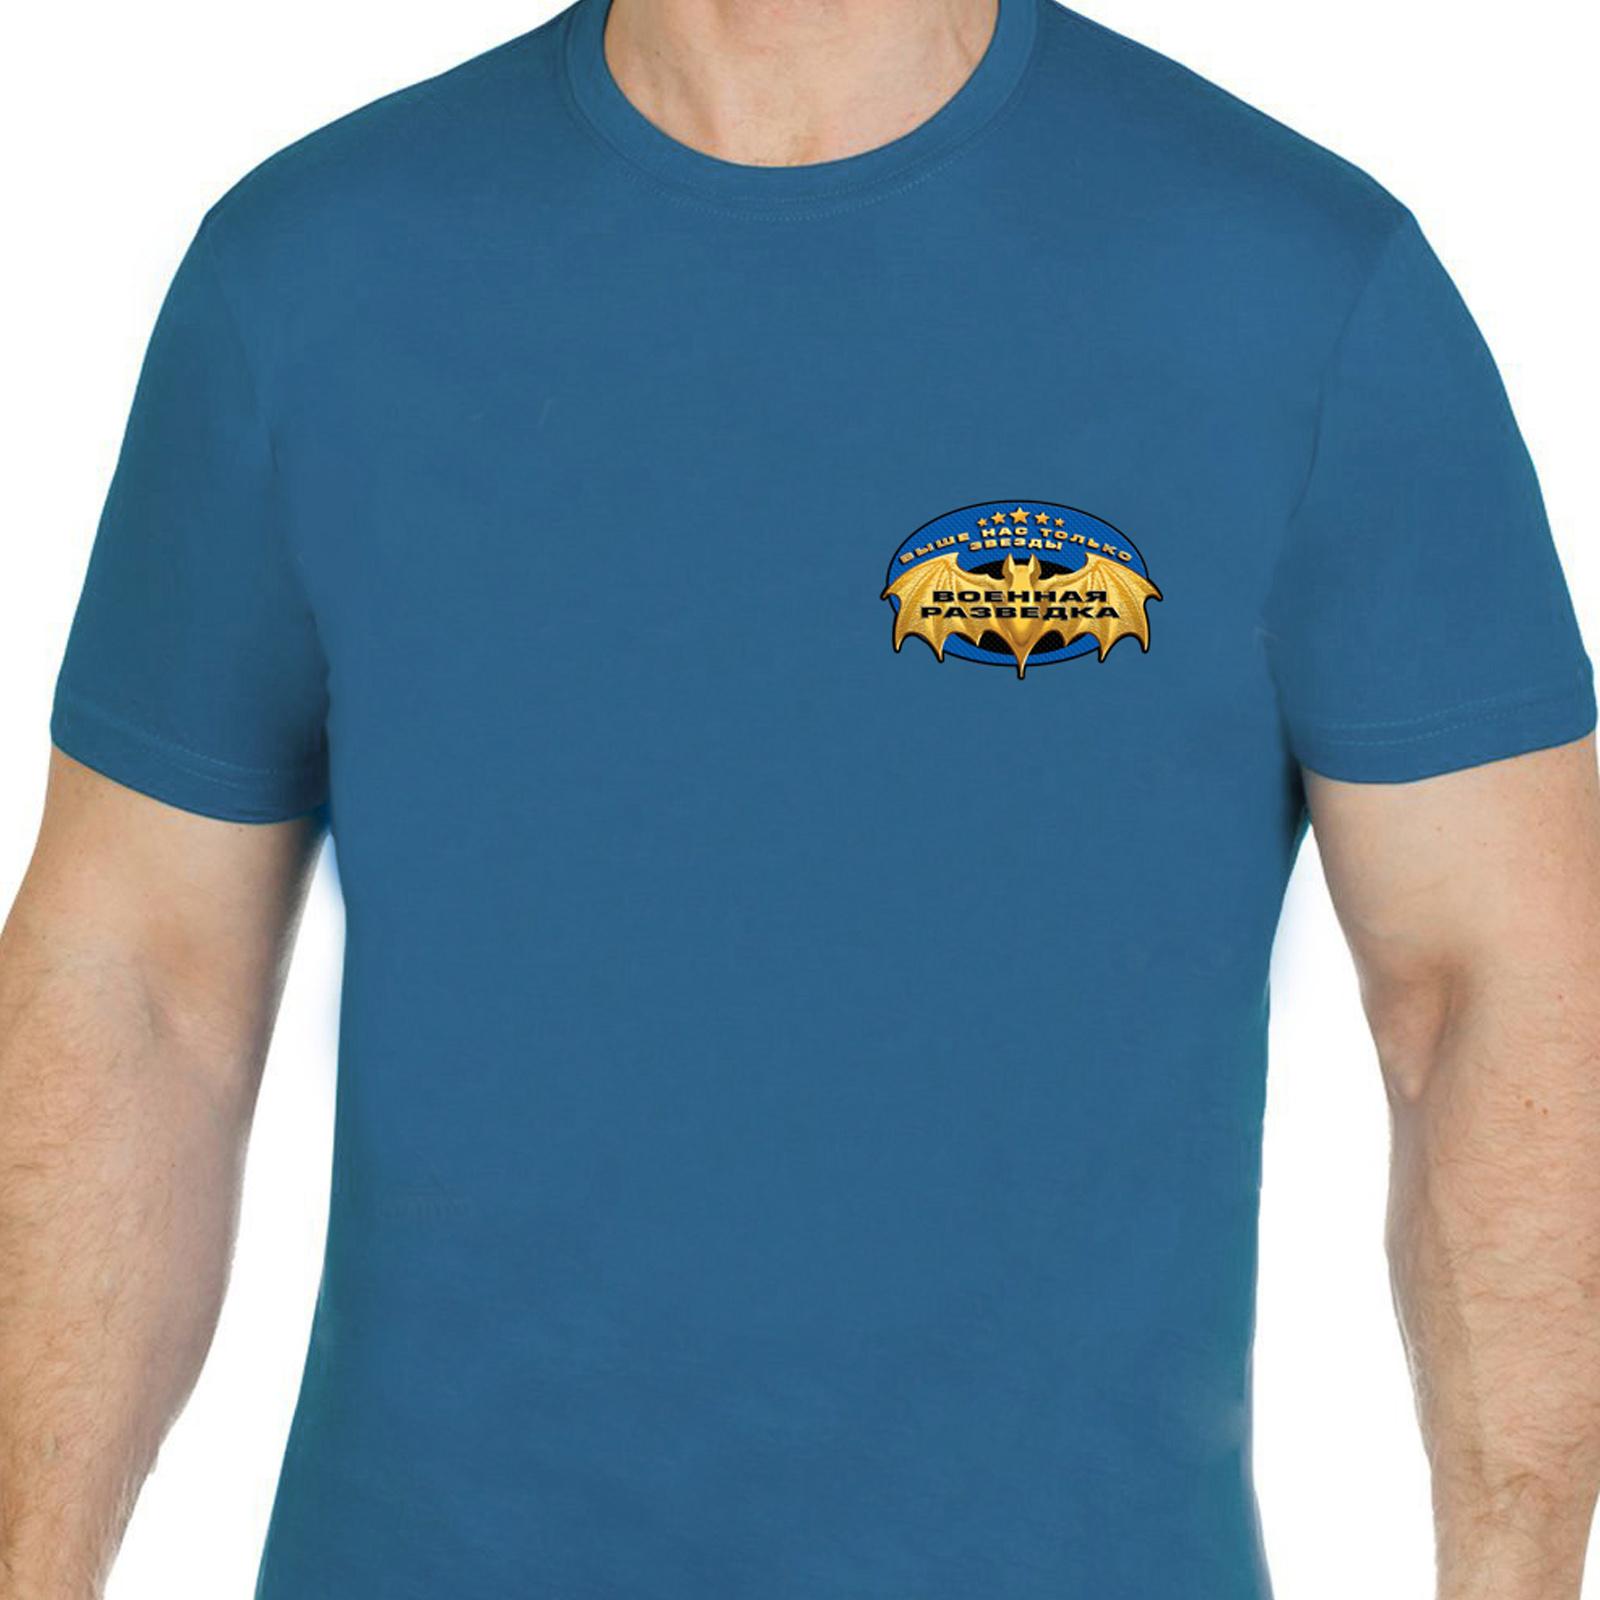 Нетривиальная футболка разведчика военного с девизом.